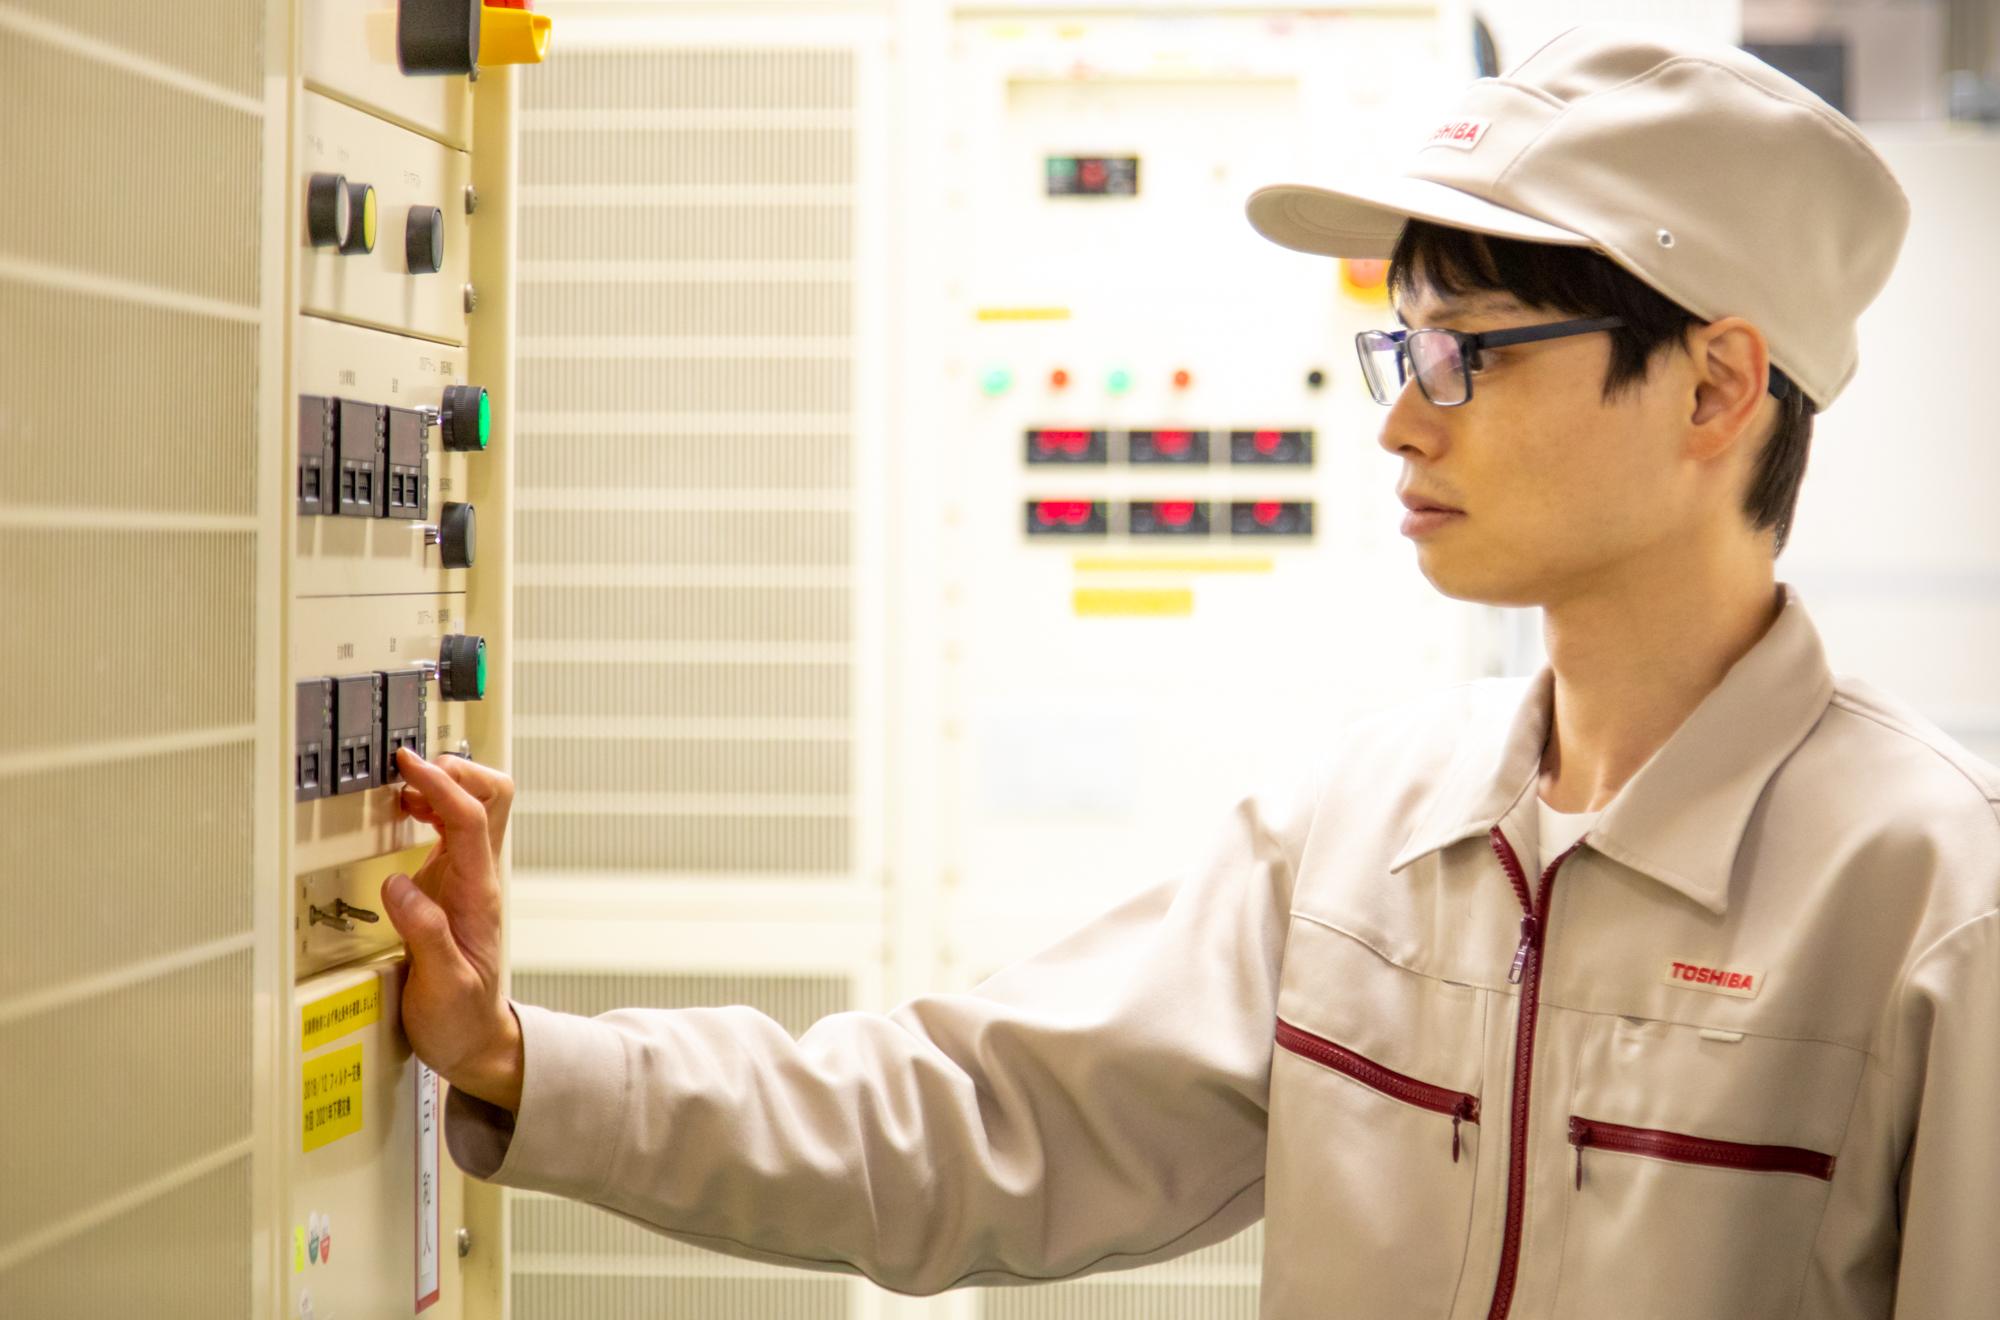 株式会社東芝 電池事業部 電池システム開発部 電池システム開発第一担当 黒須 雅浩氏(2)